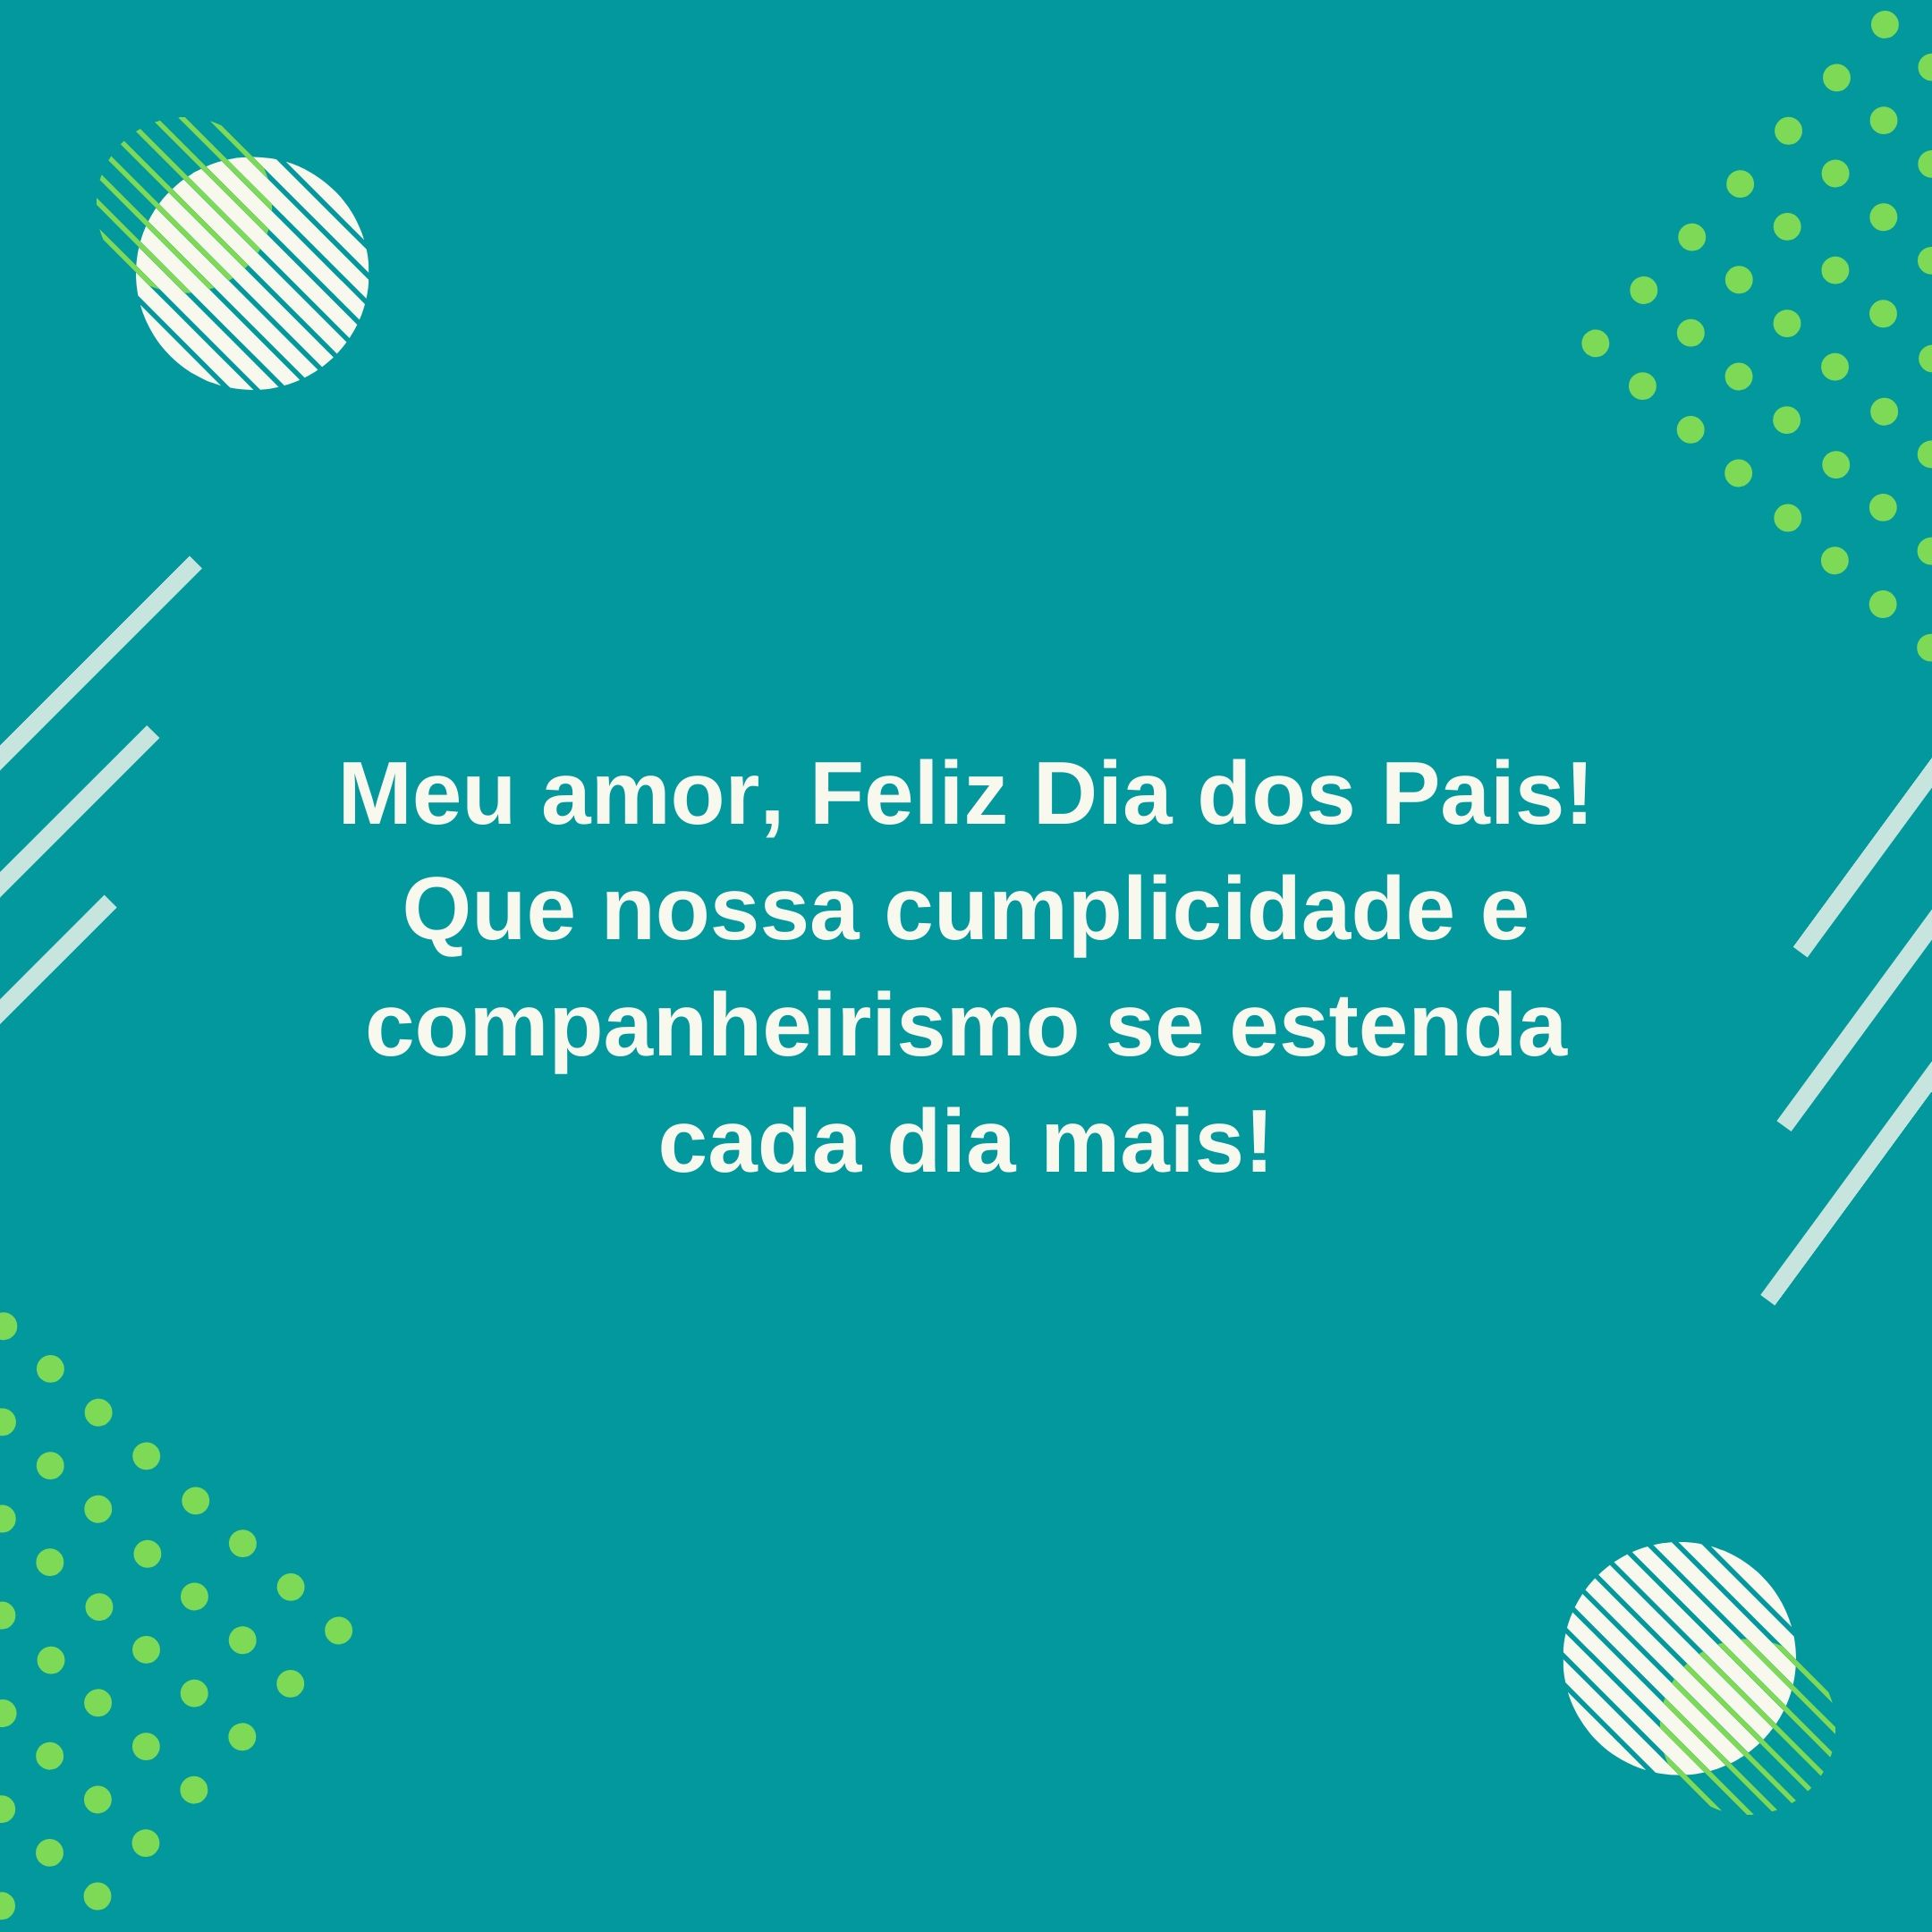 Meu amor, Feliz Dia dos Pais! Que nossa cumplicidade e companheirismo se estenda cada dia mais!